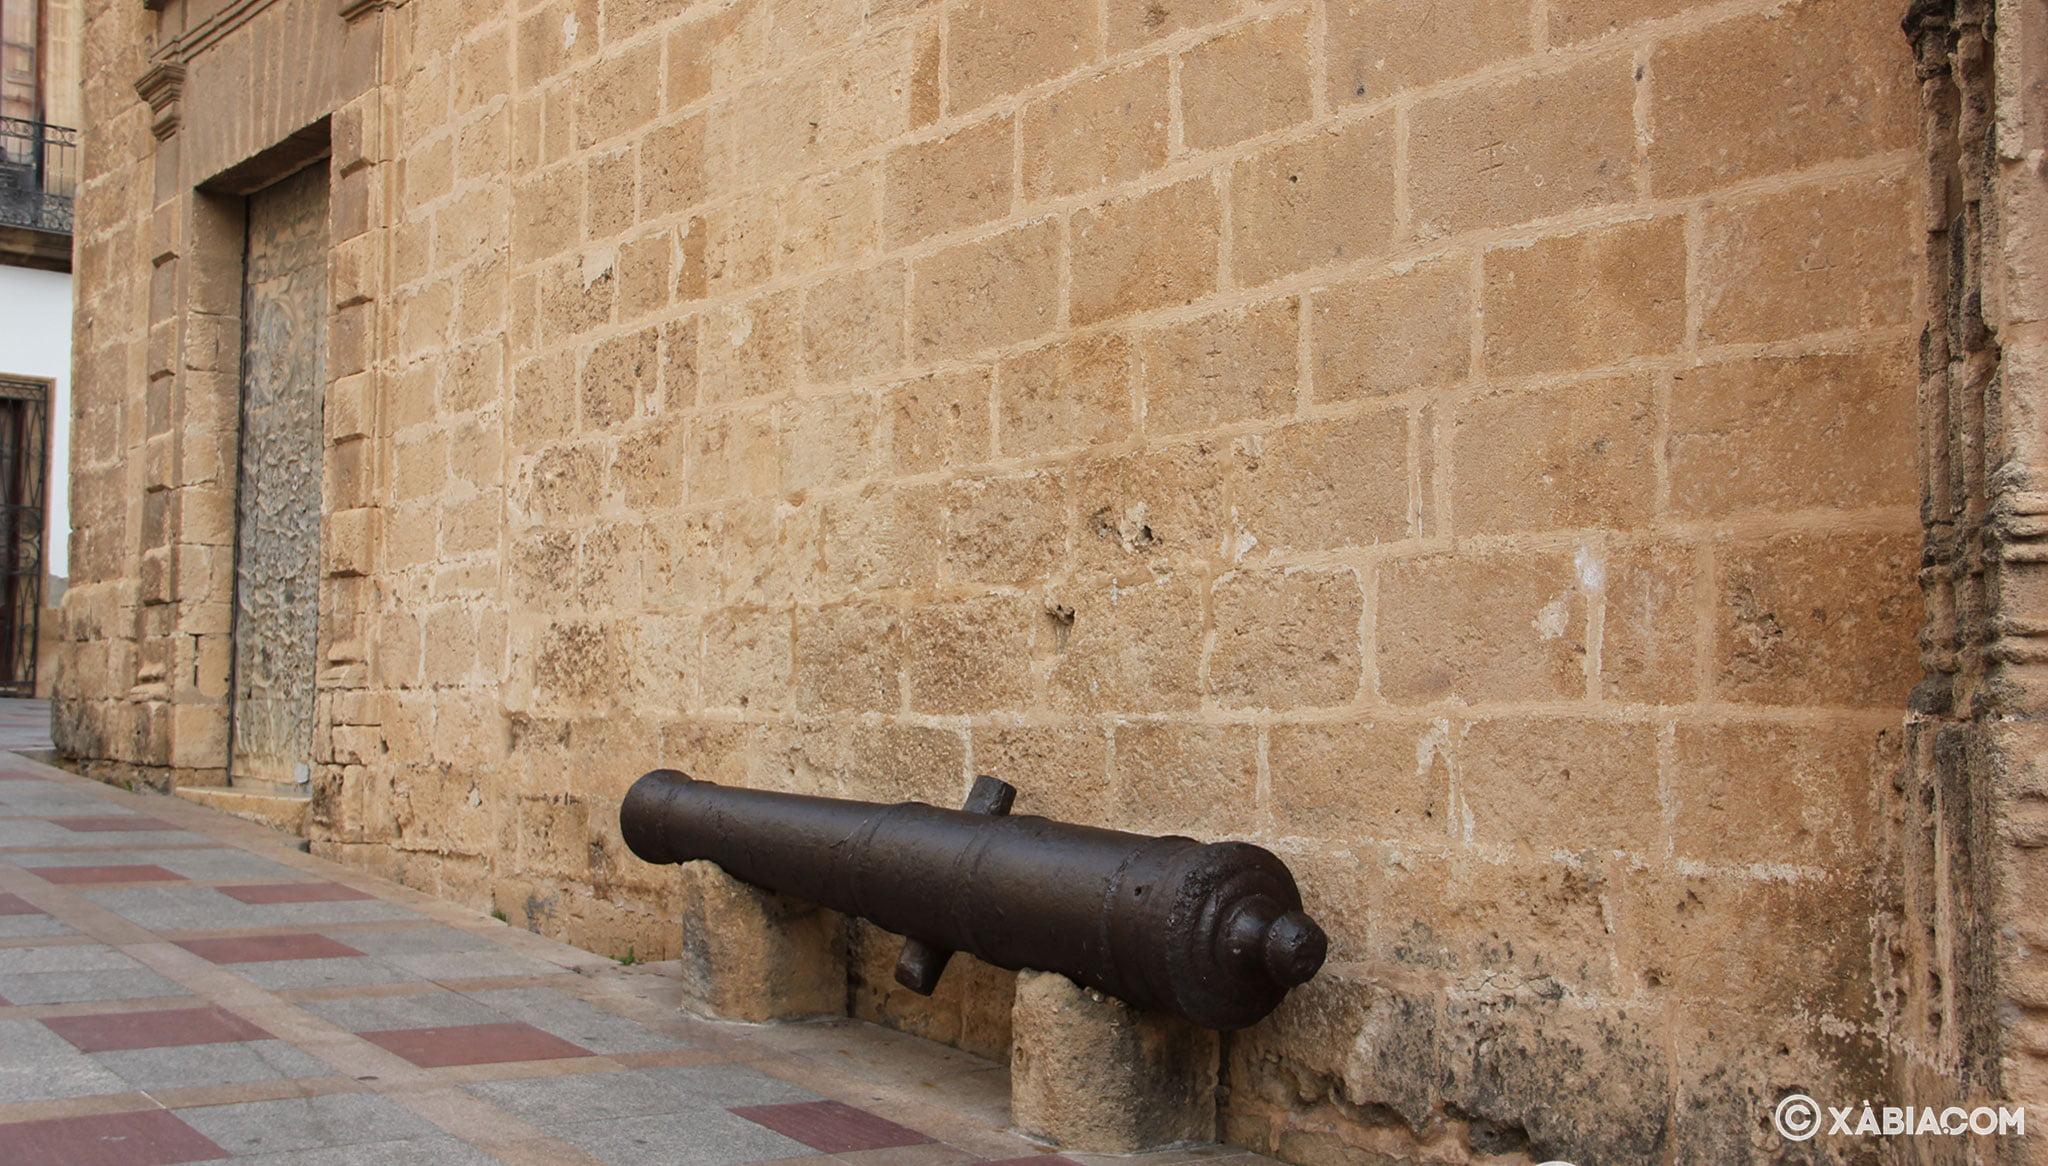 Vista lateral de un cañón en los muros de la Iglesia de San Bartolomé de Jávea